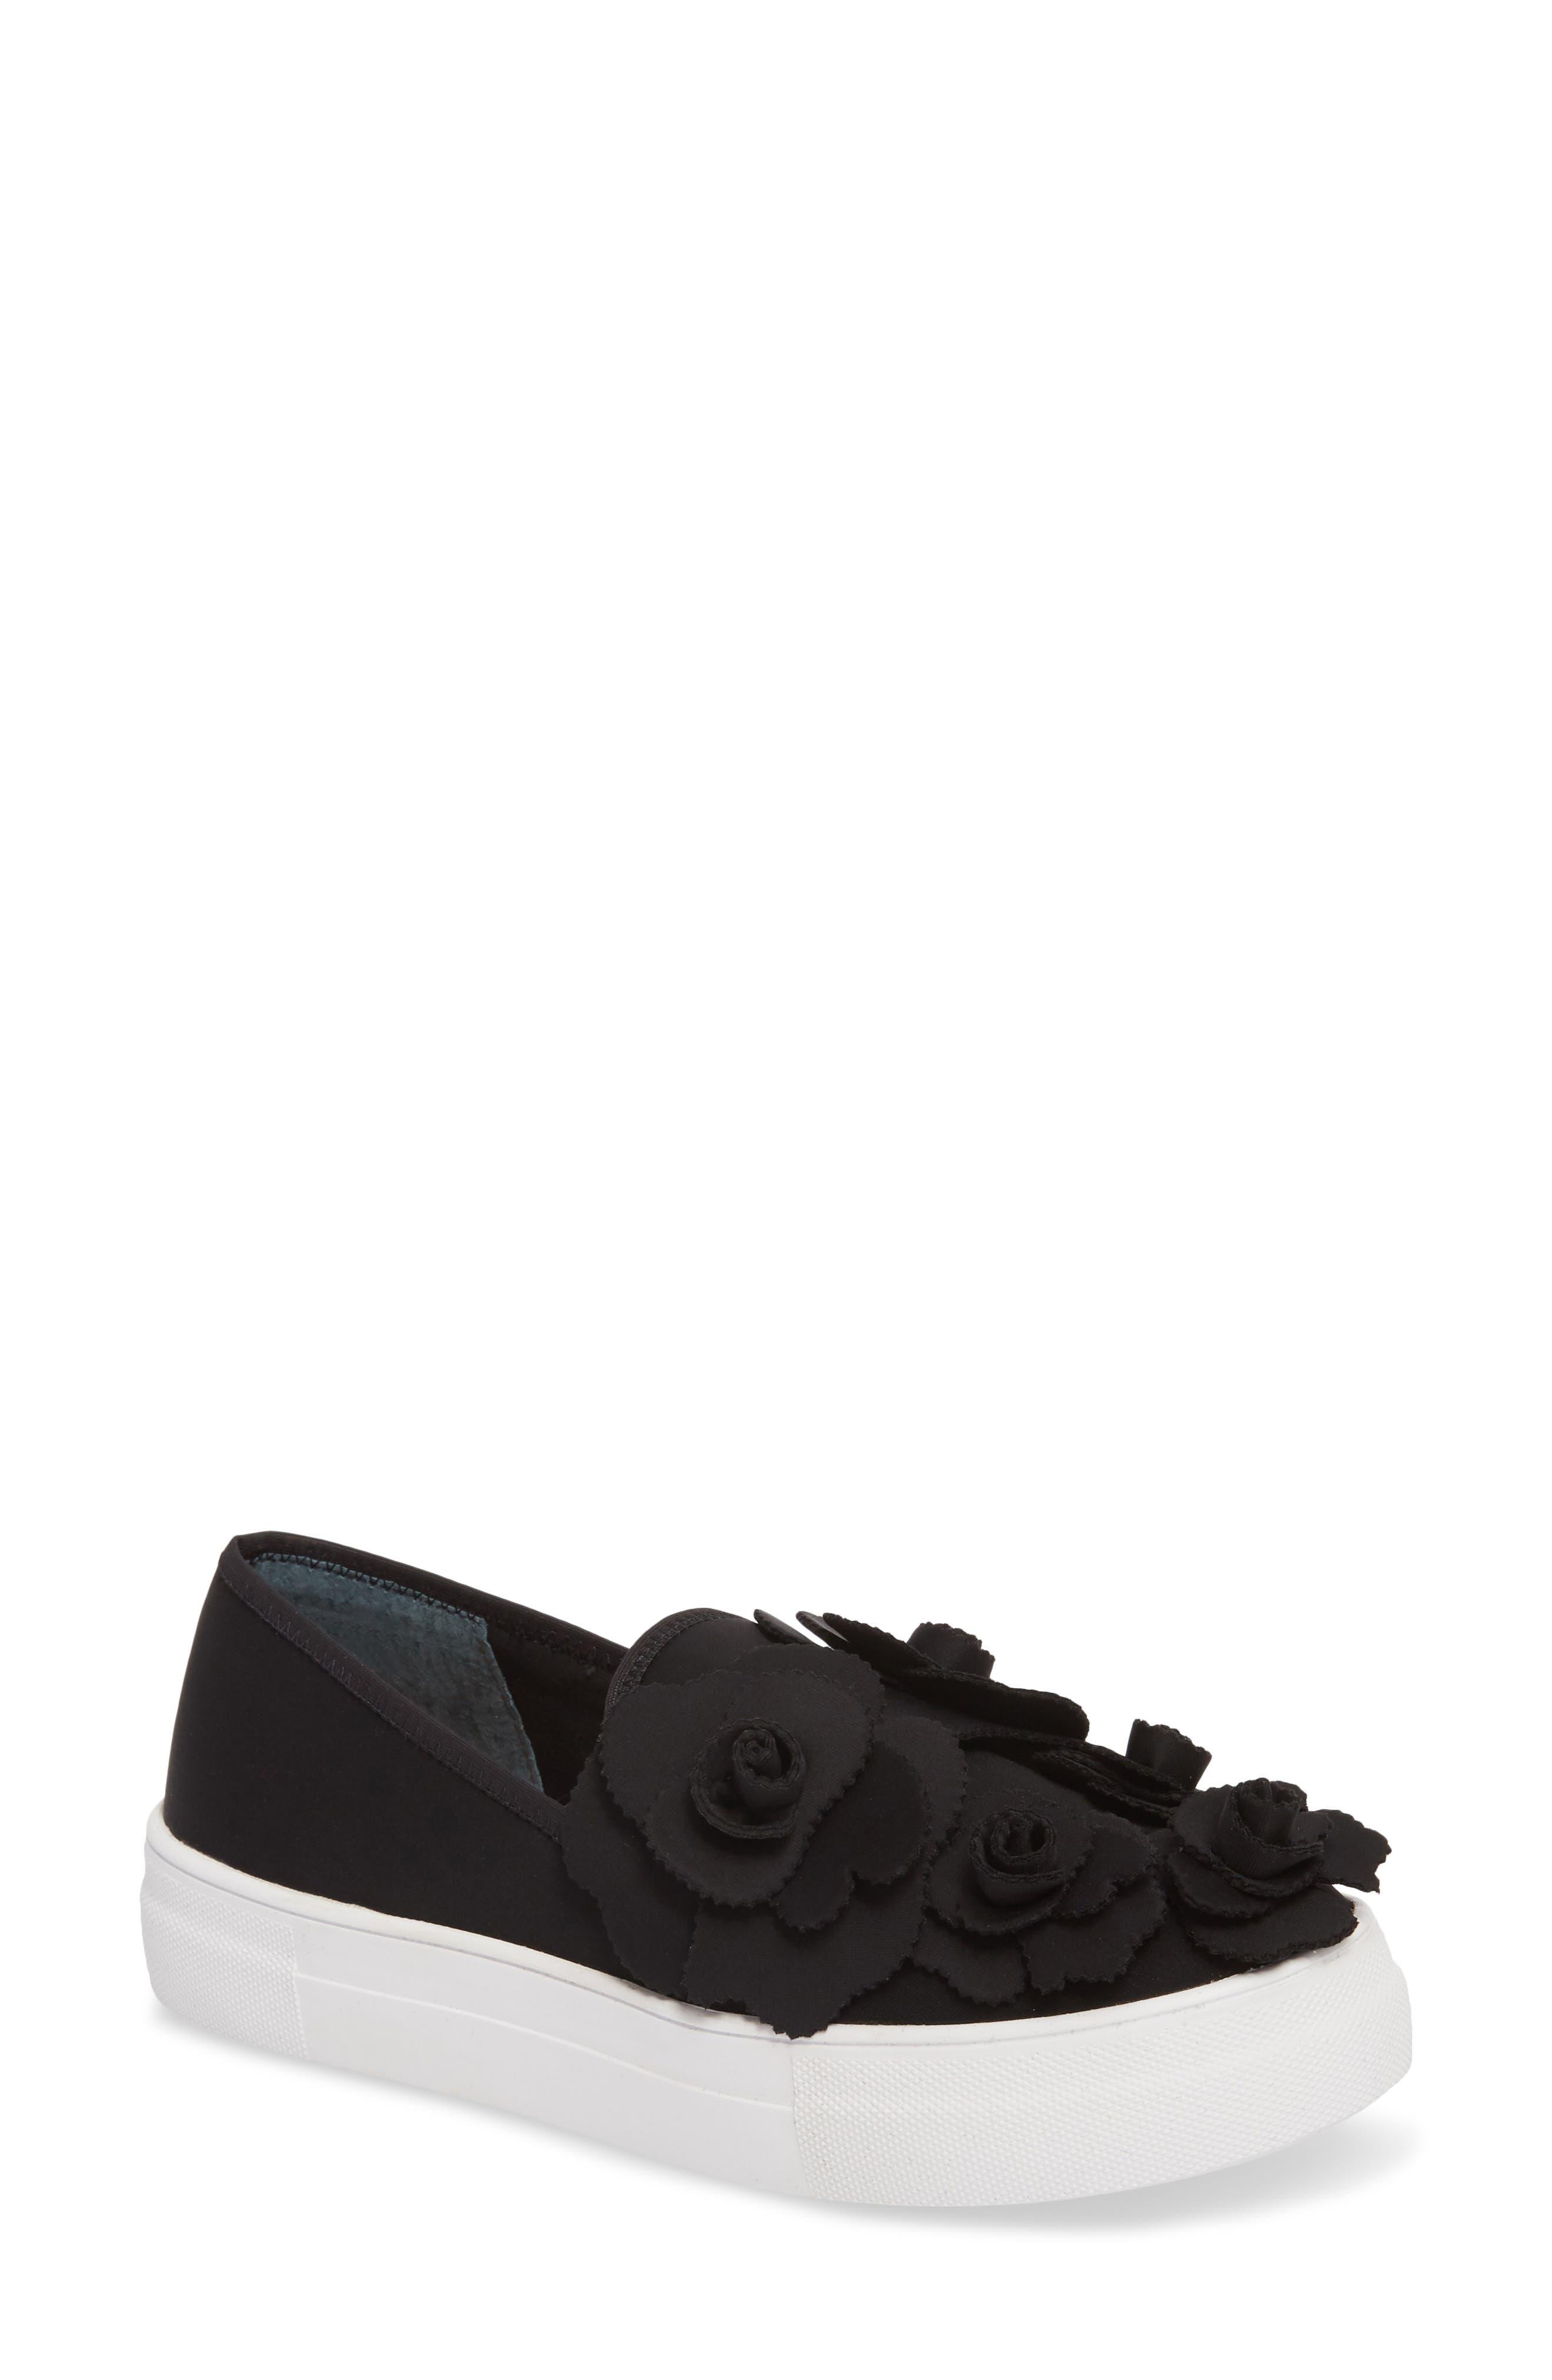 Alden Floral Embellished Slip-On Sneaker,                         Main,                         color, Black Flower Neoprene